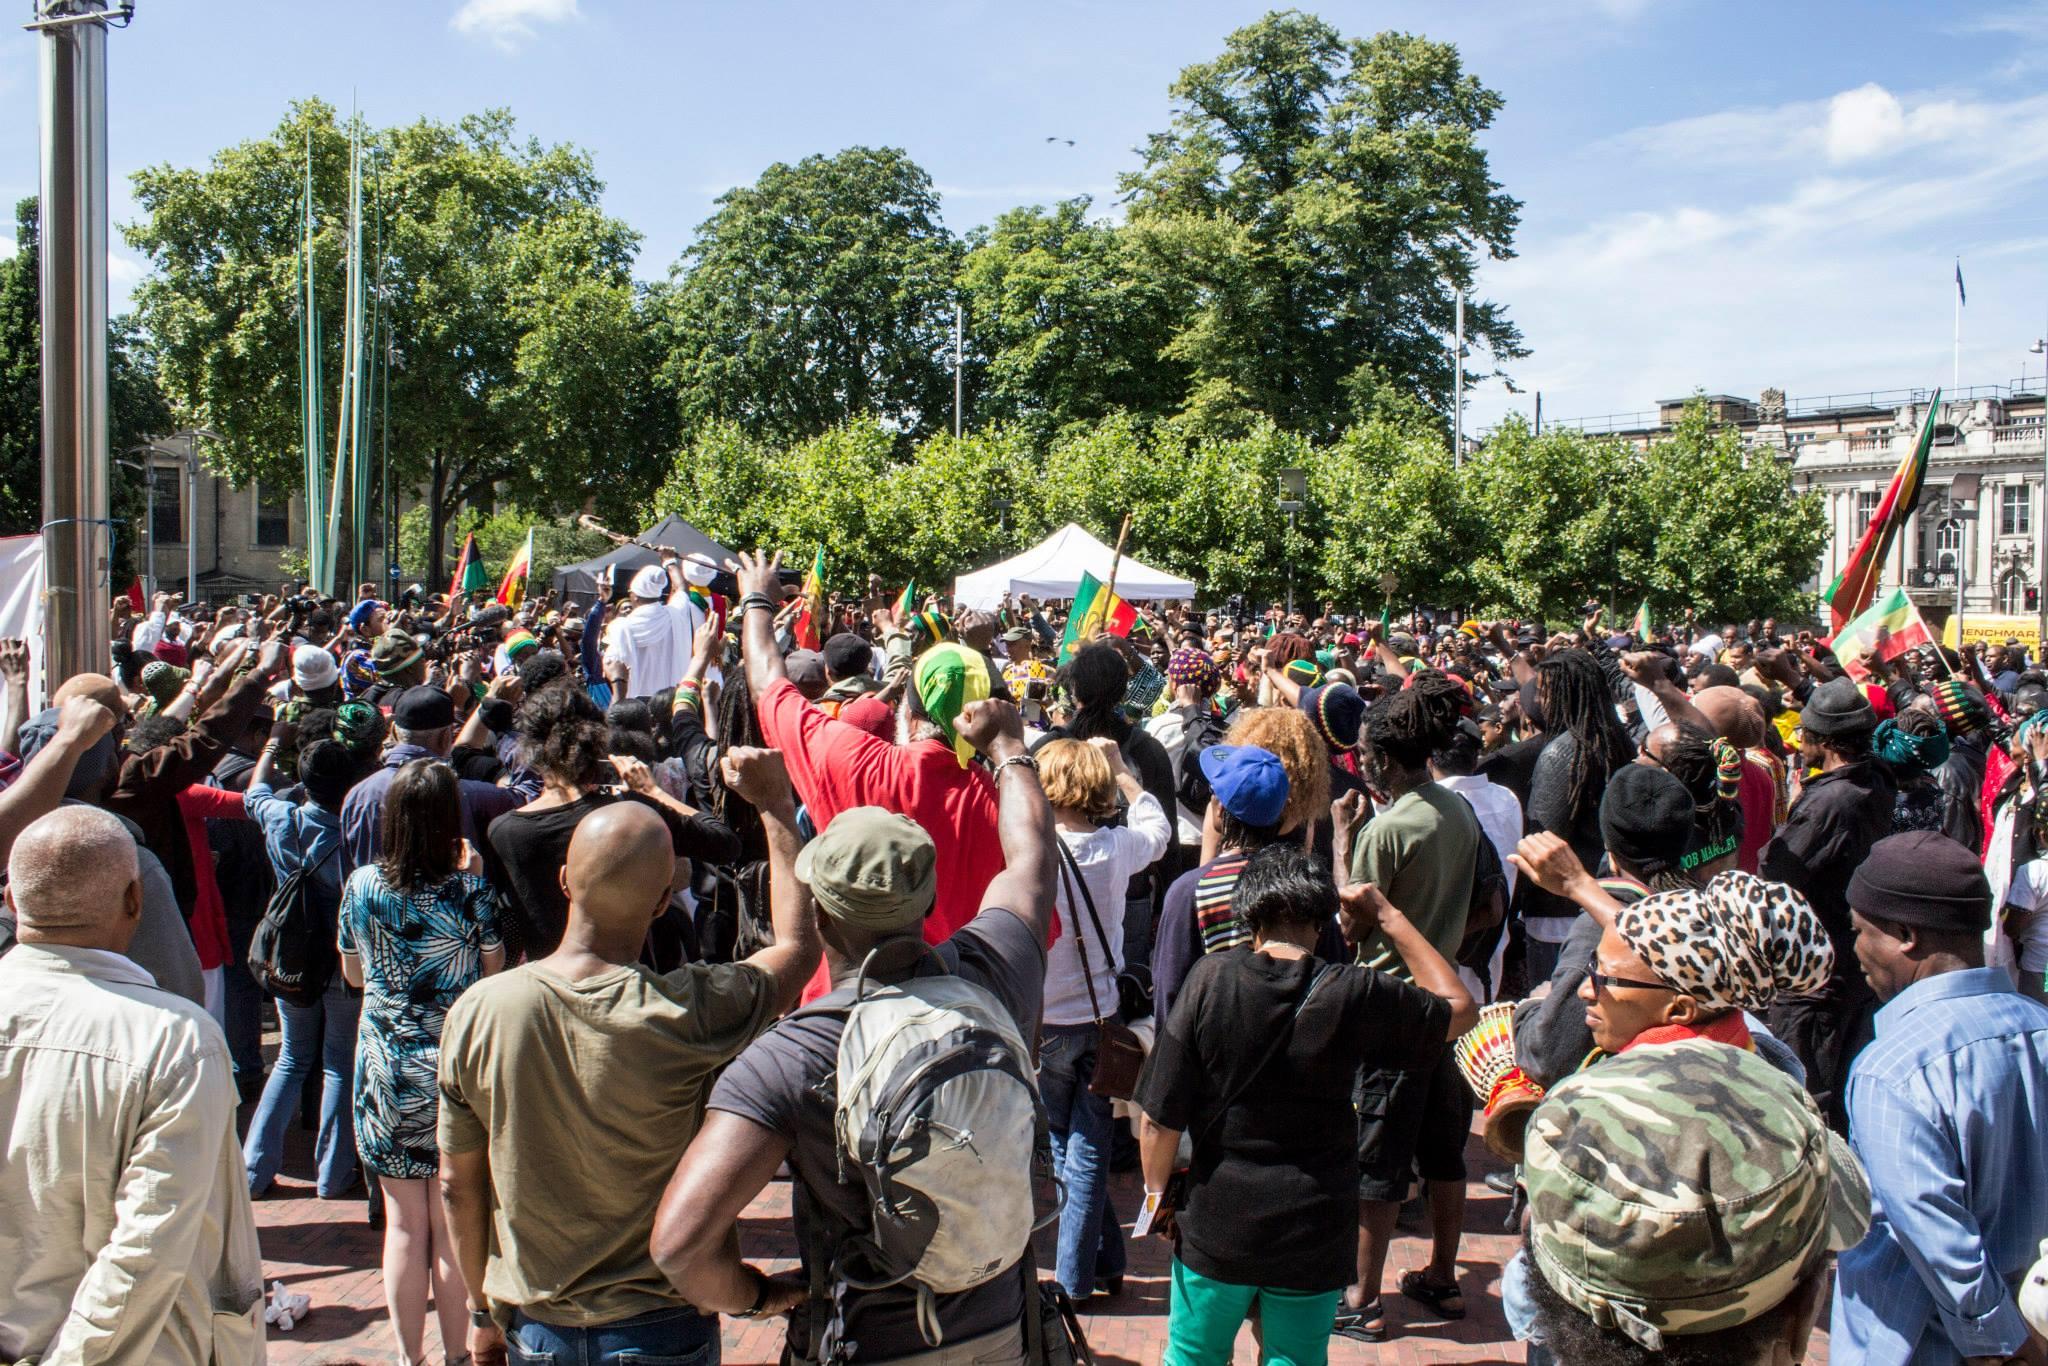 Reparations March 2015 - Ubuntu Photo Album on Facebook